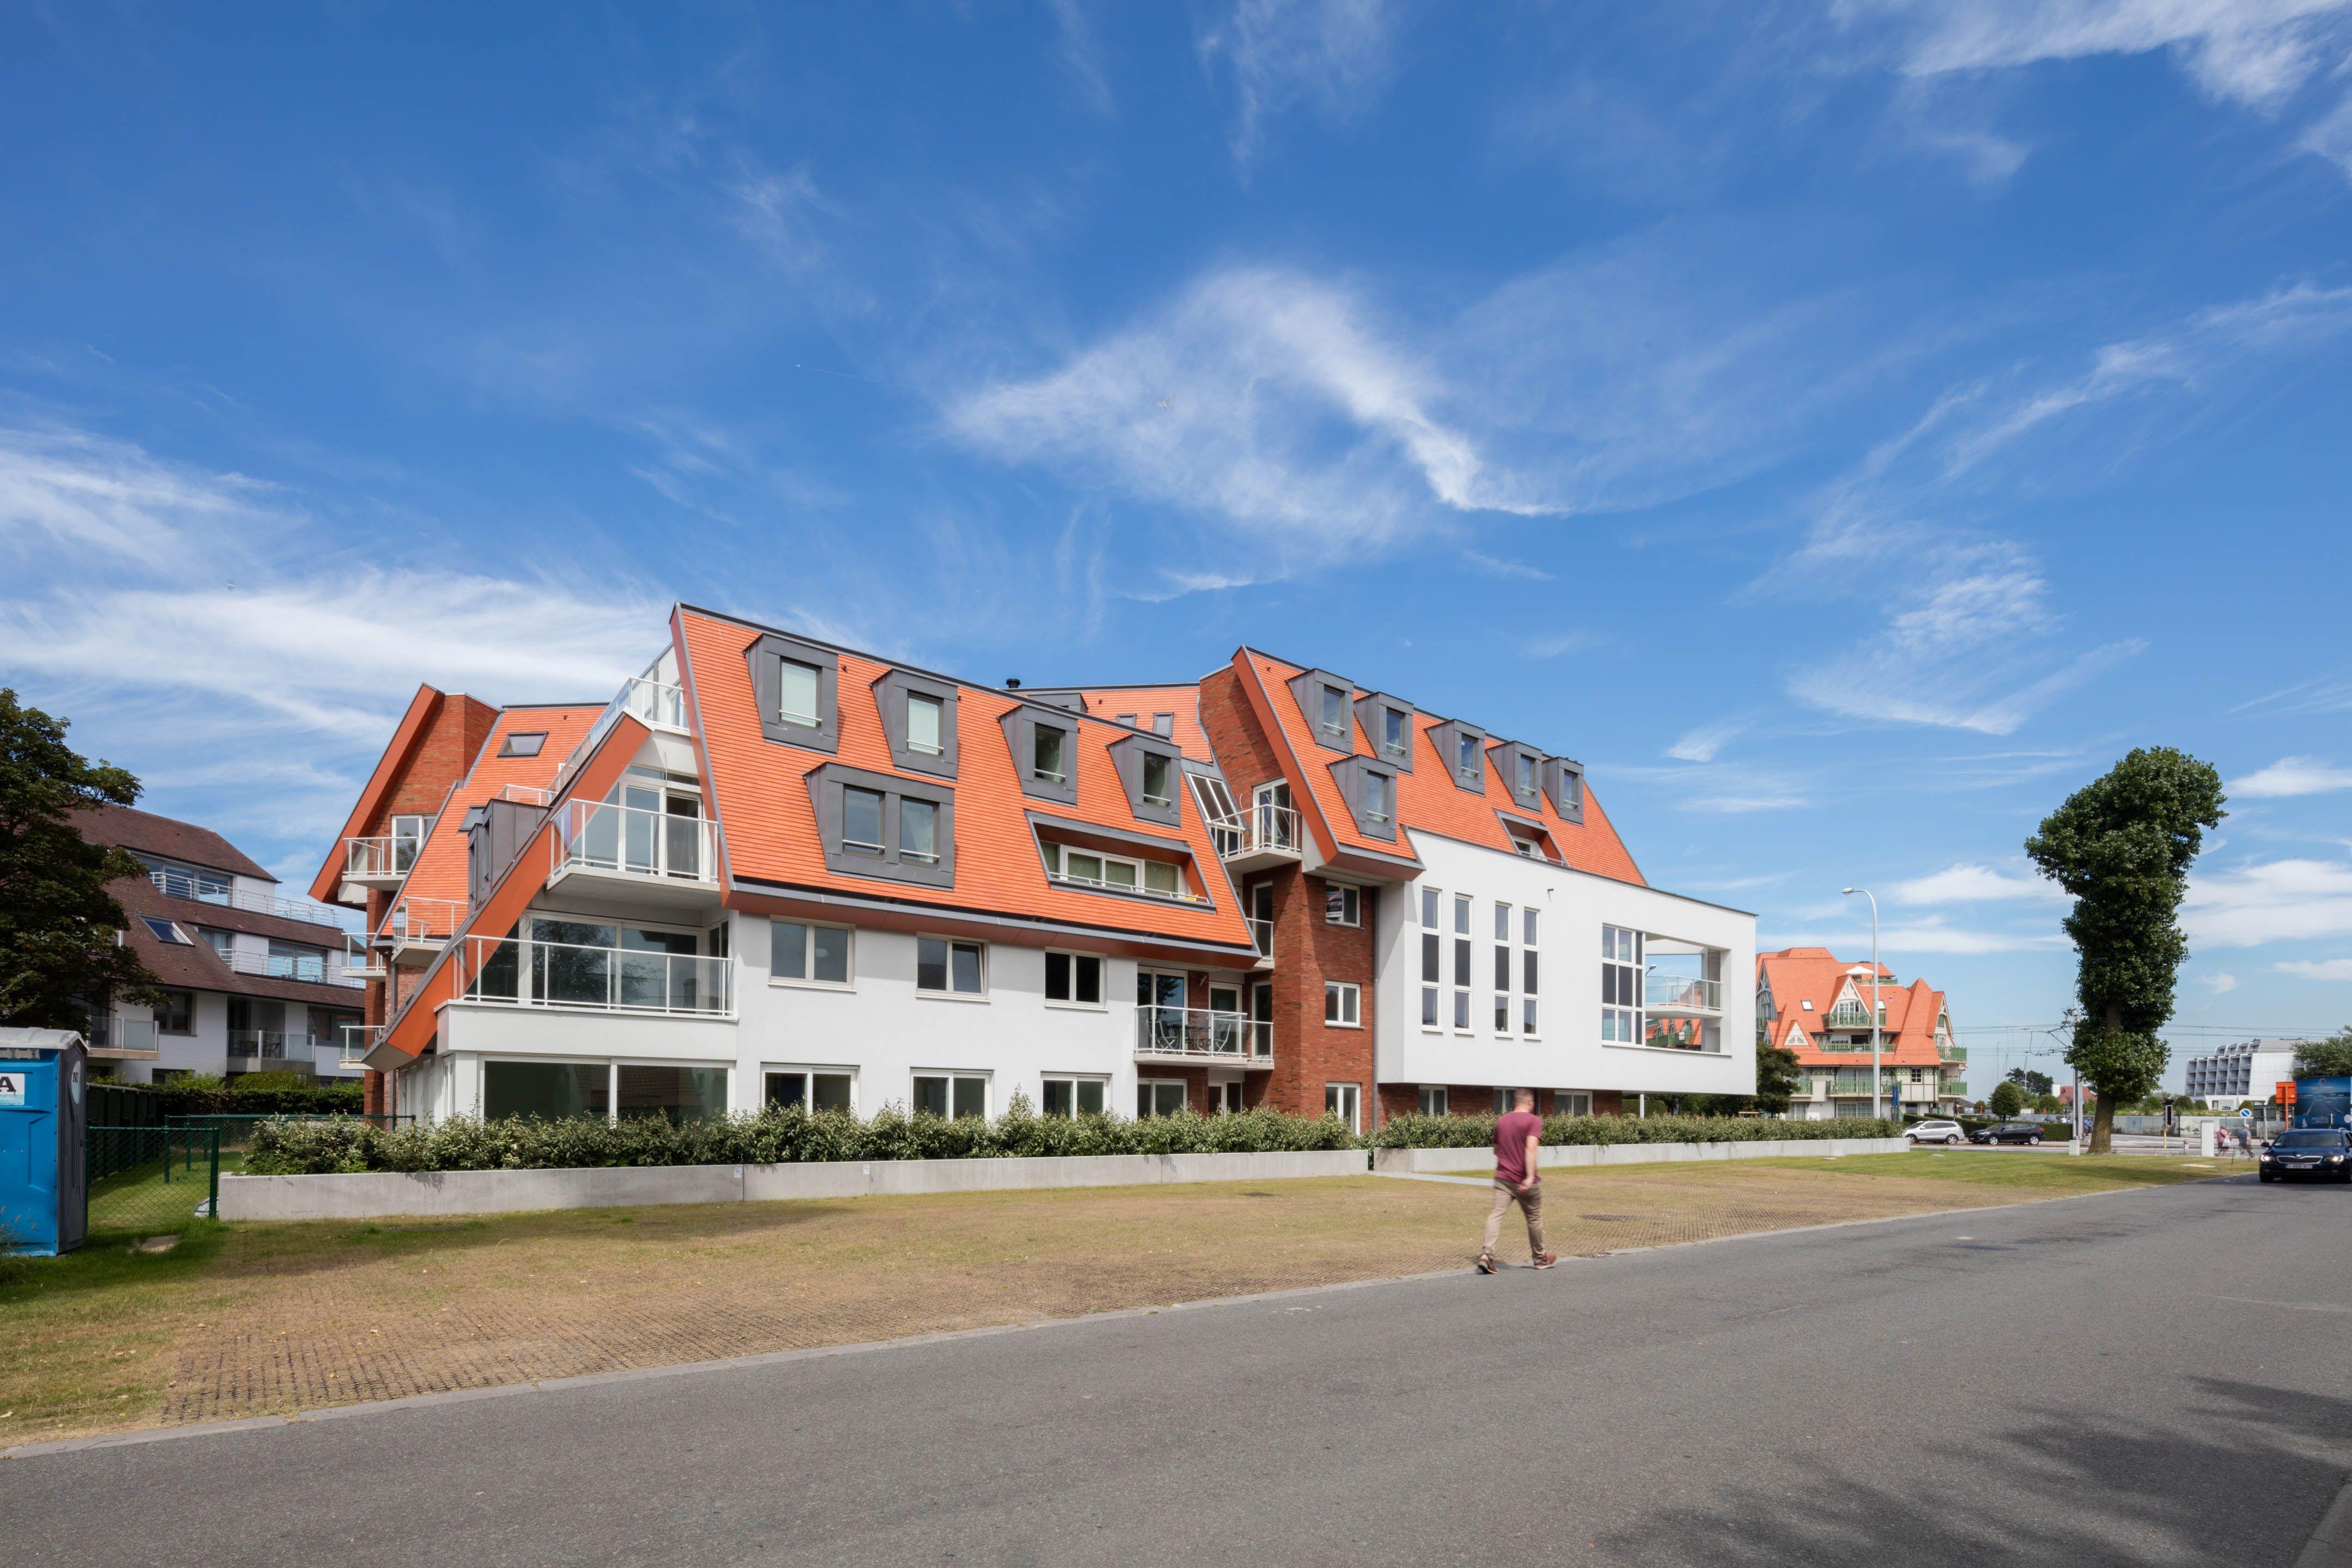 Appartement Residentie Villa Crombez Nieuwpoort - 9292